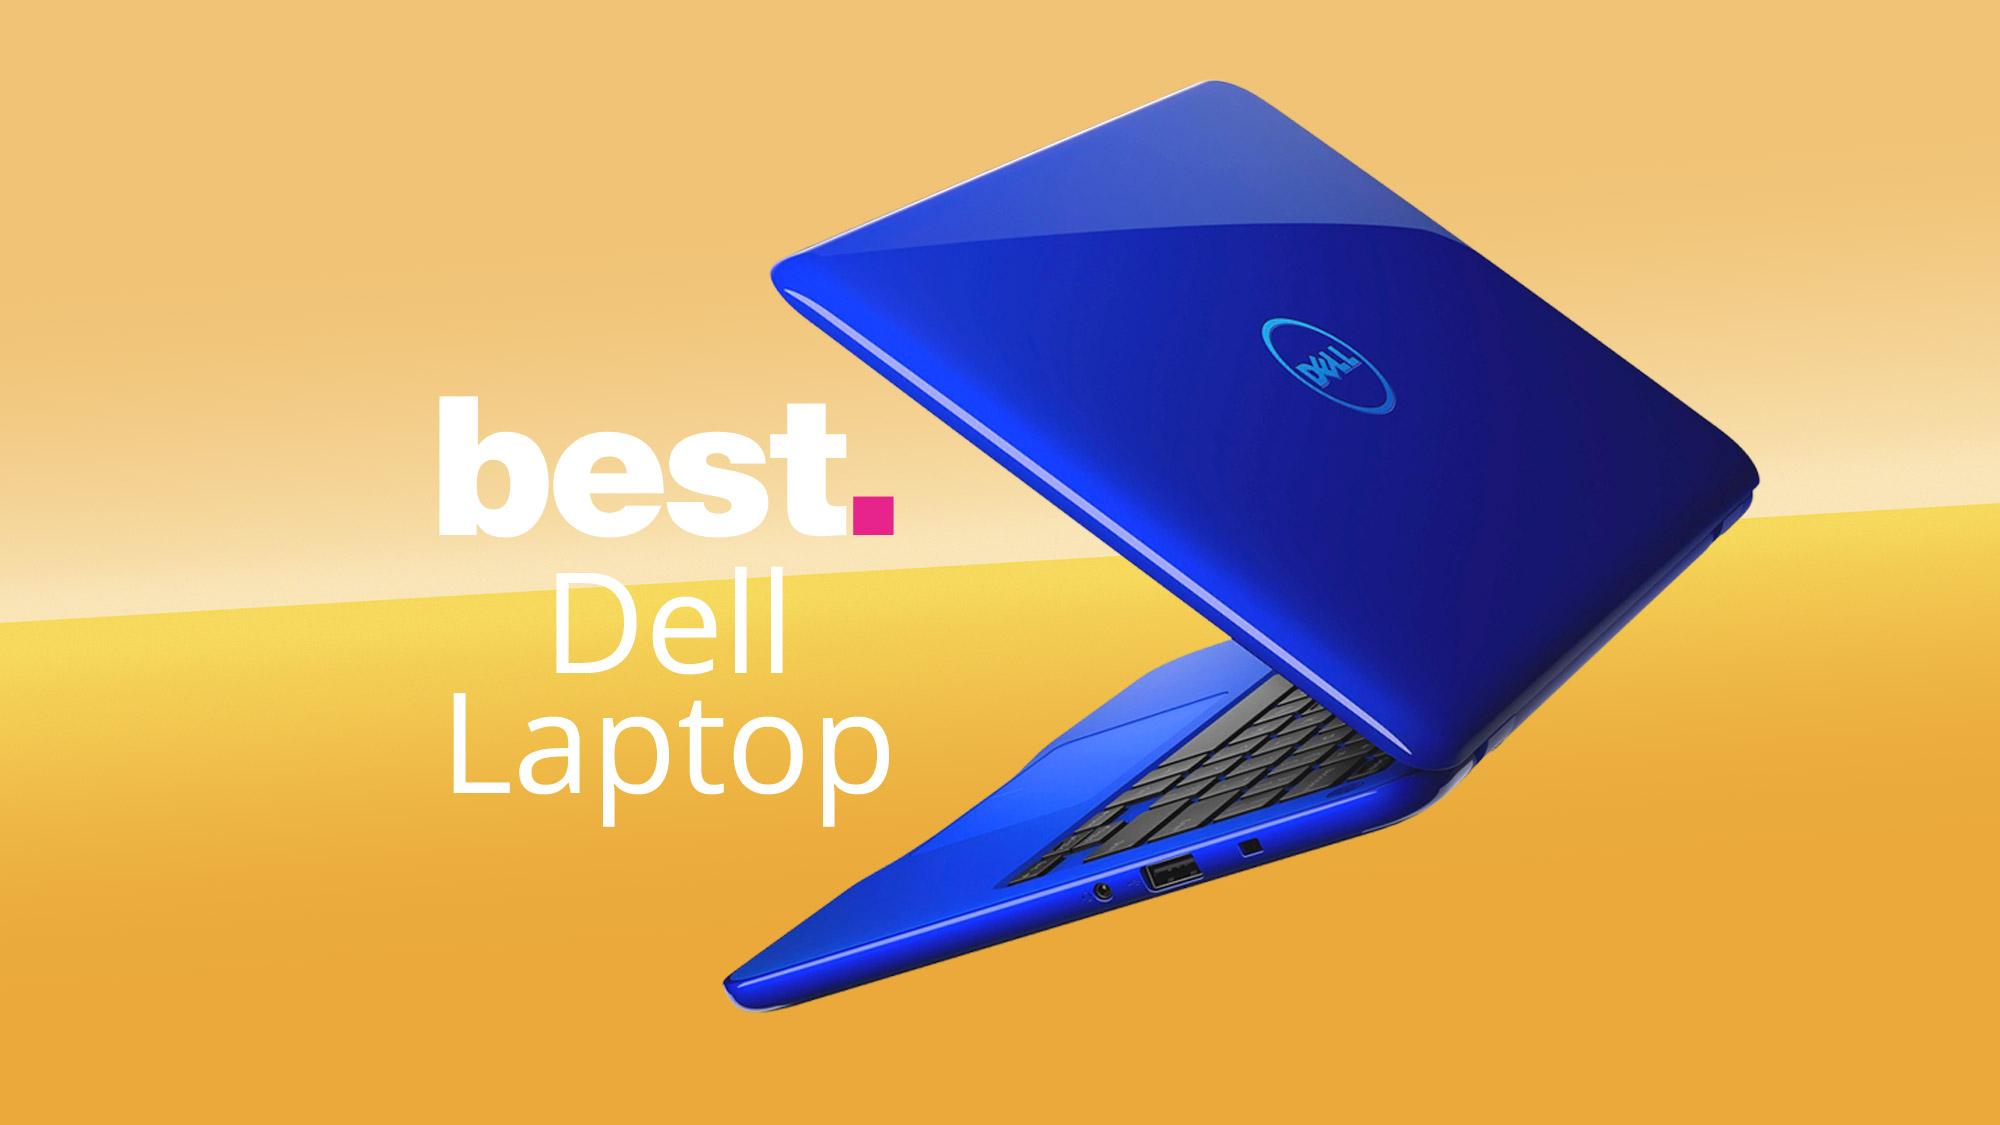 سعر ومواصفات مجموعة من أفضل أجهزة لابتوب DELL لعام 2020 37